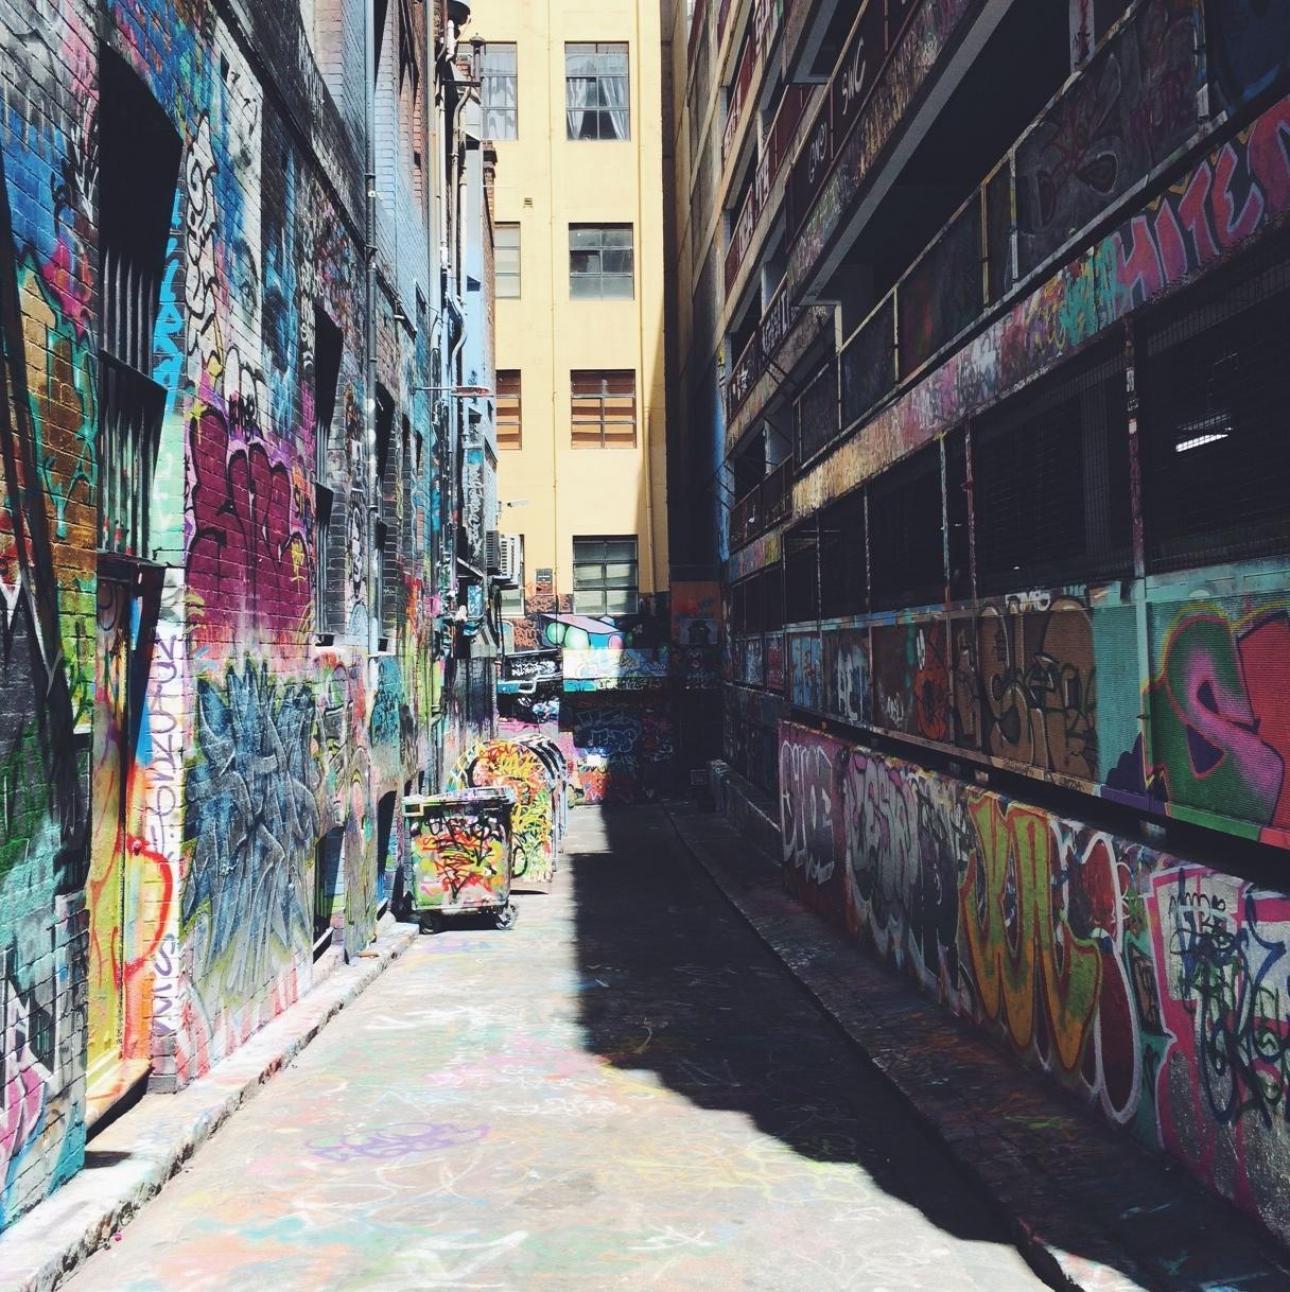 hosier-lane-melbourne-australien-urbannotes-dk